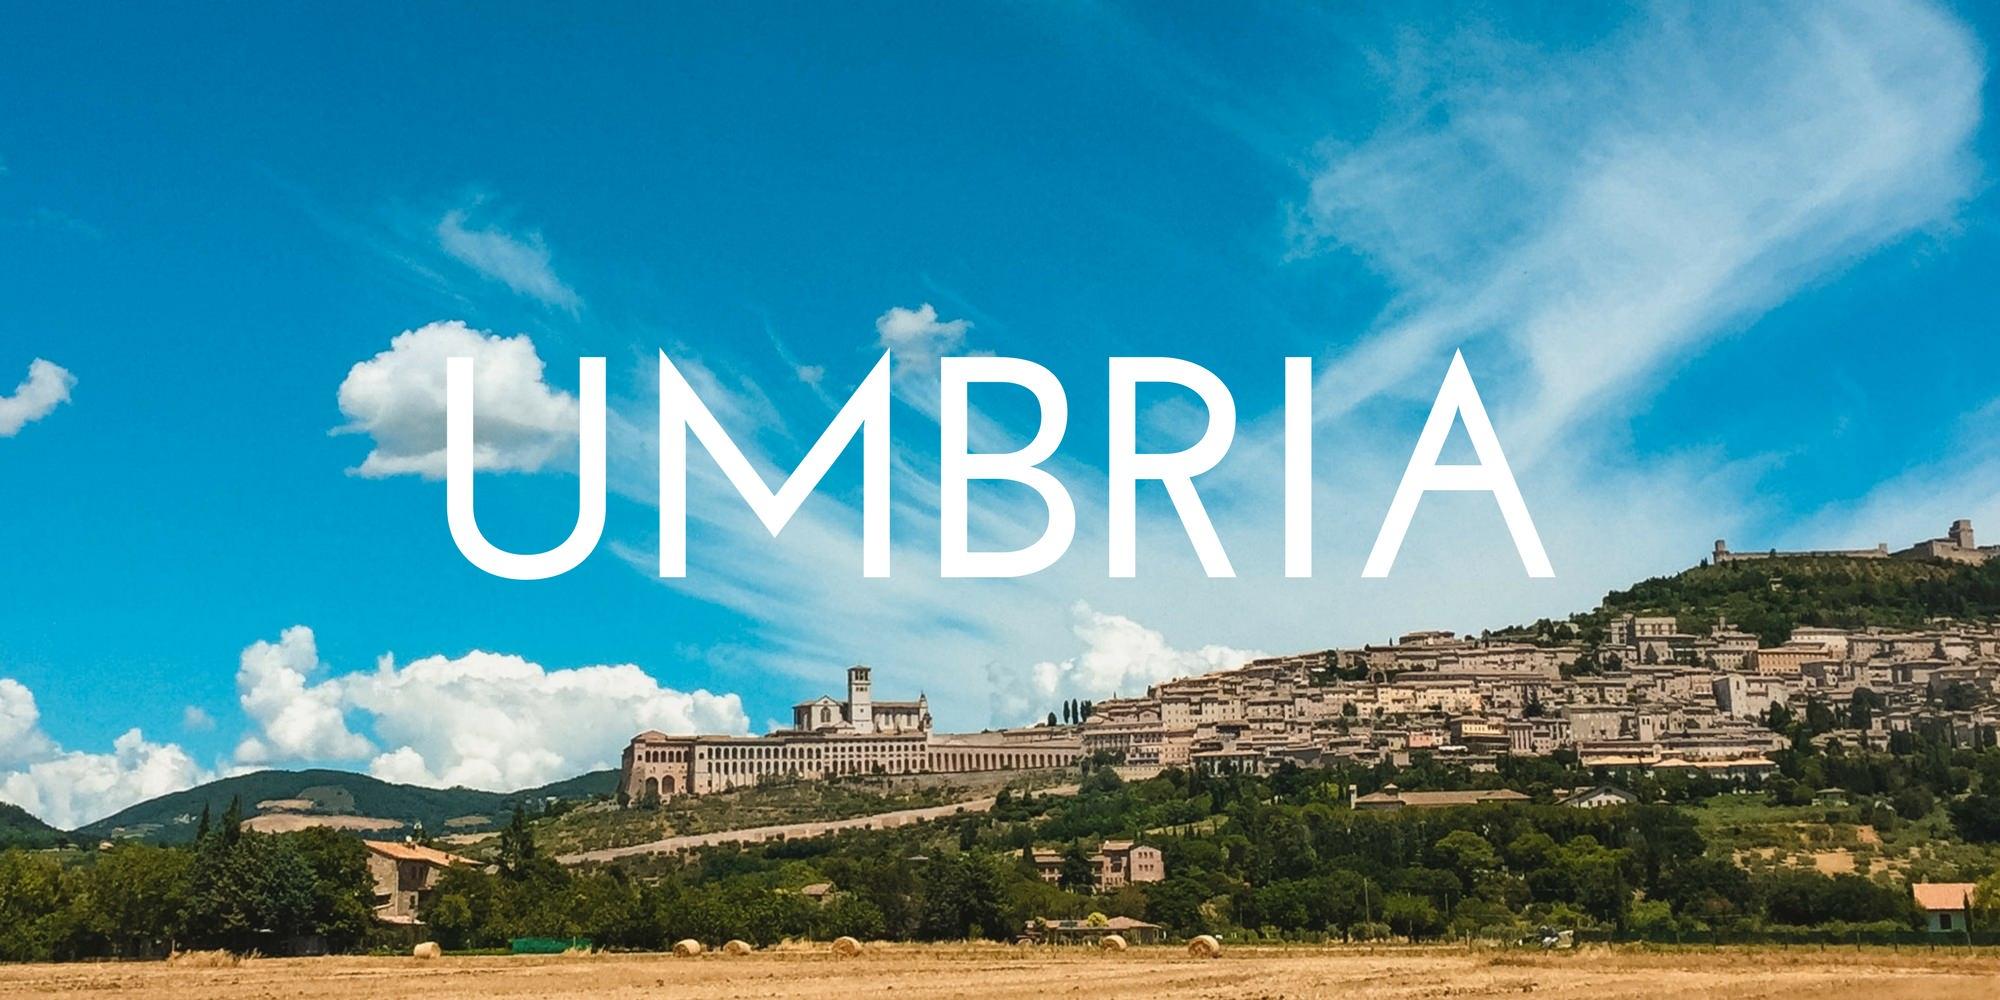 Umbria - Authentic Traveling - Header